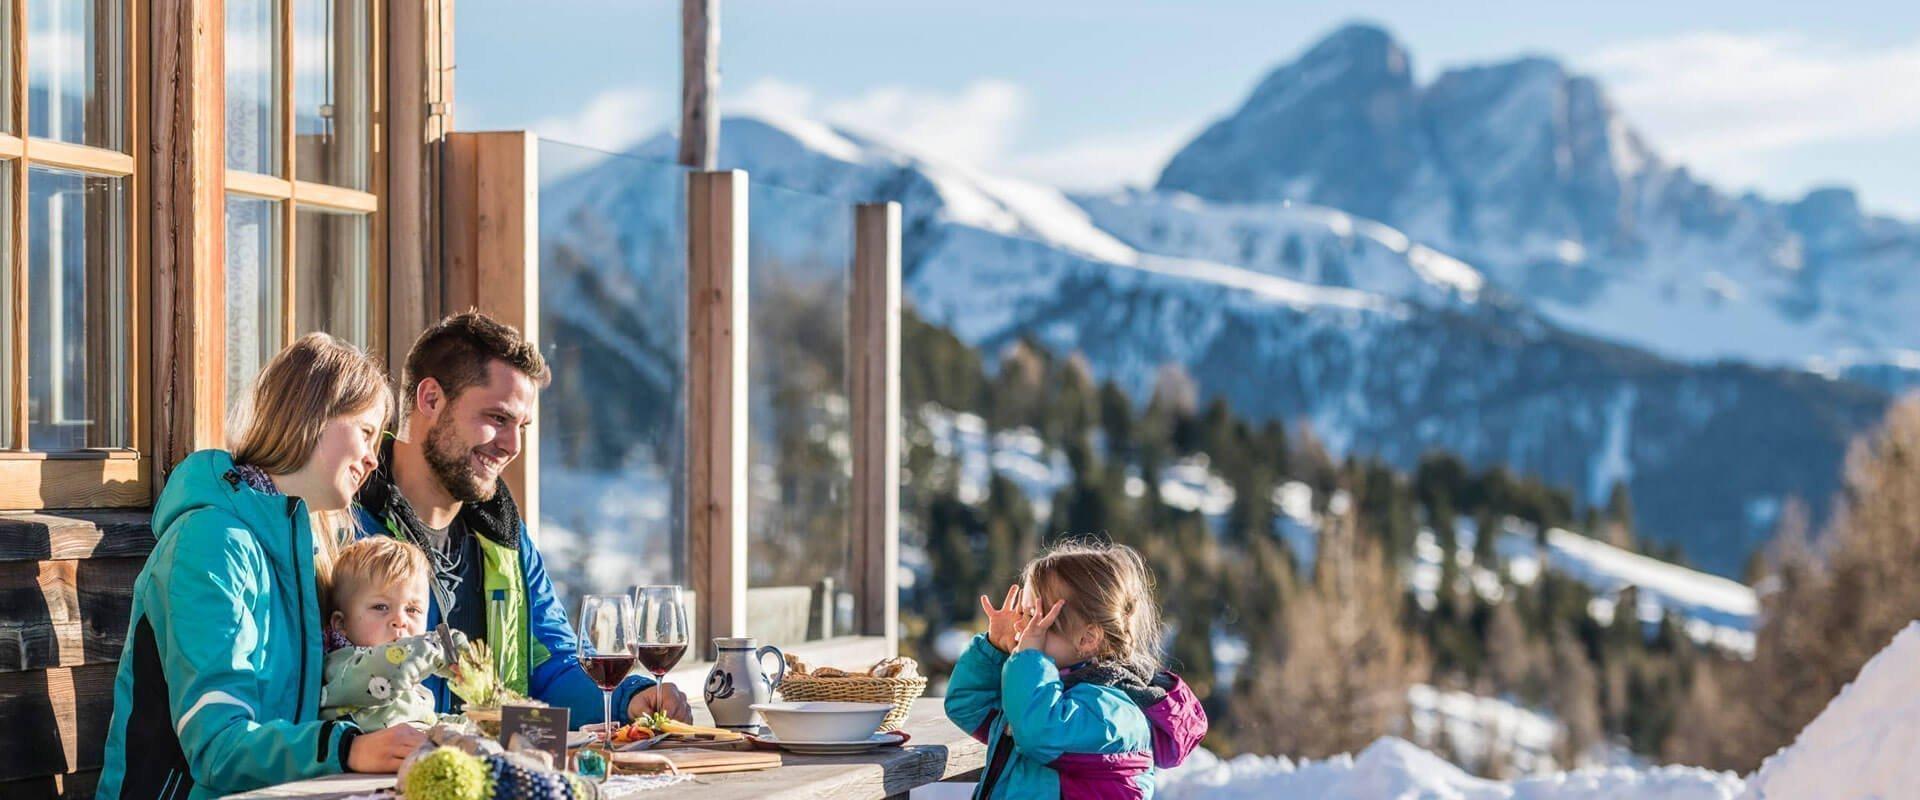 winterurlaub-suedtirol-kreuzwiesen-huette